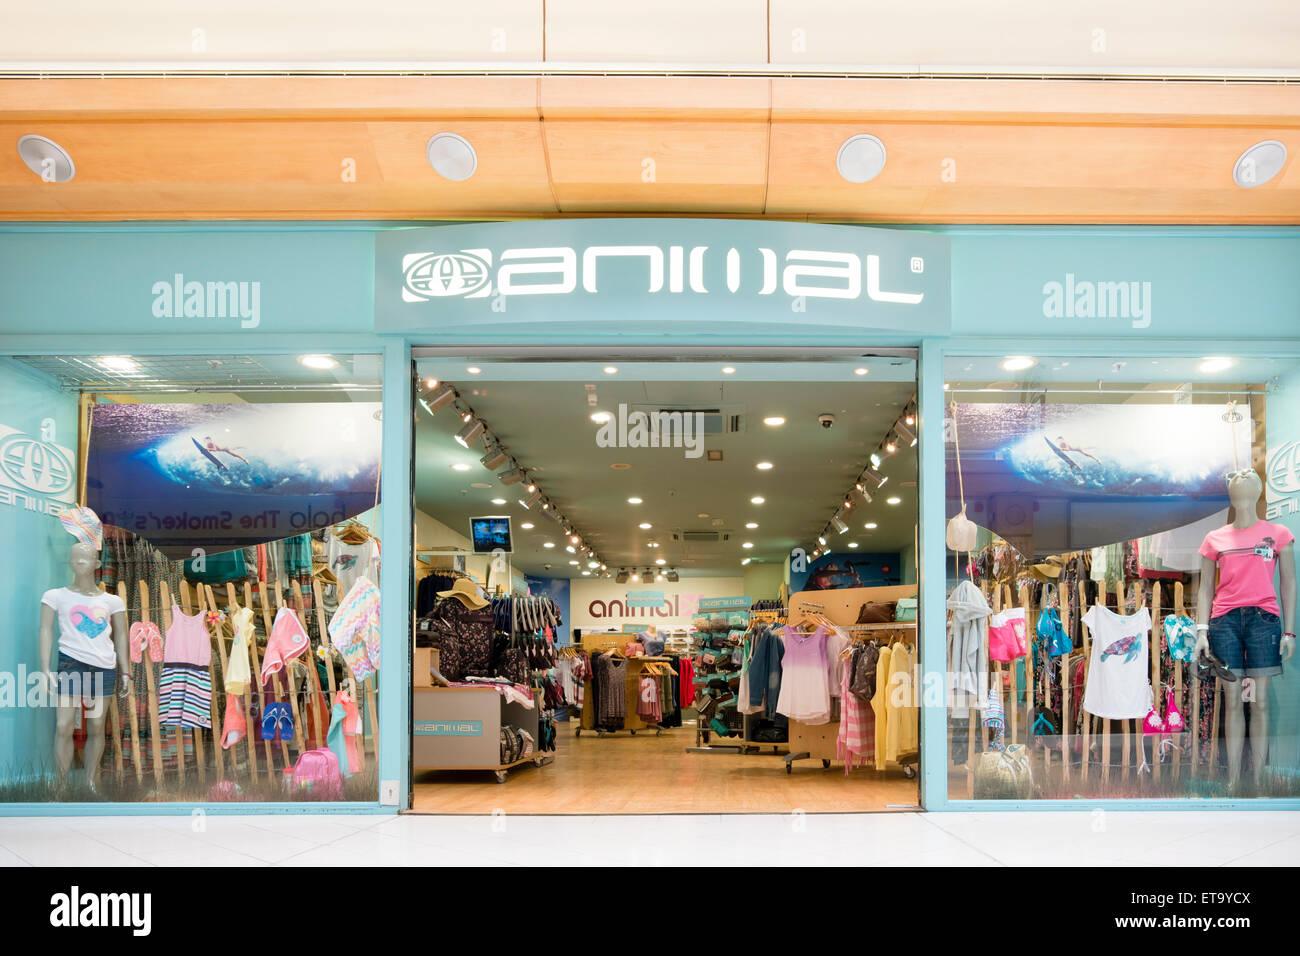 Animal clothing store, UK. - Stock Image